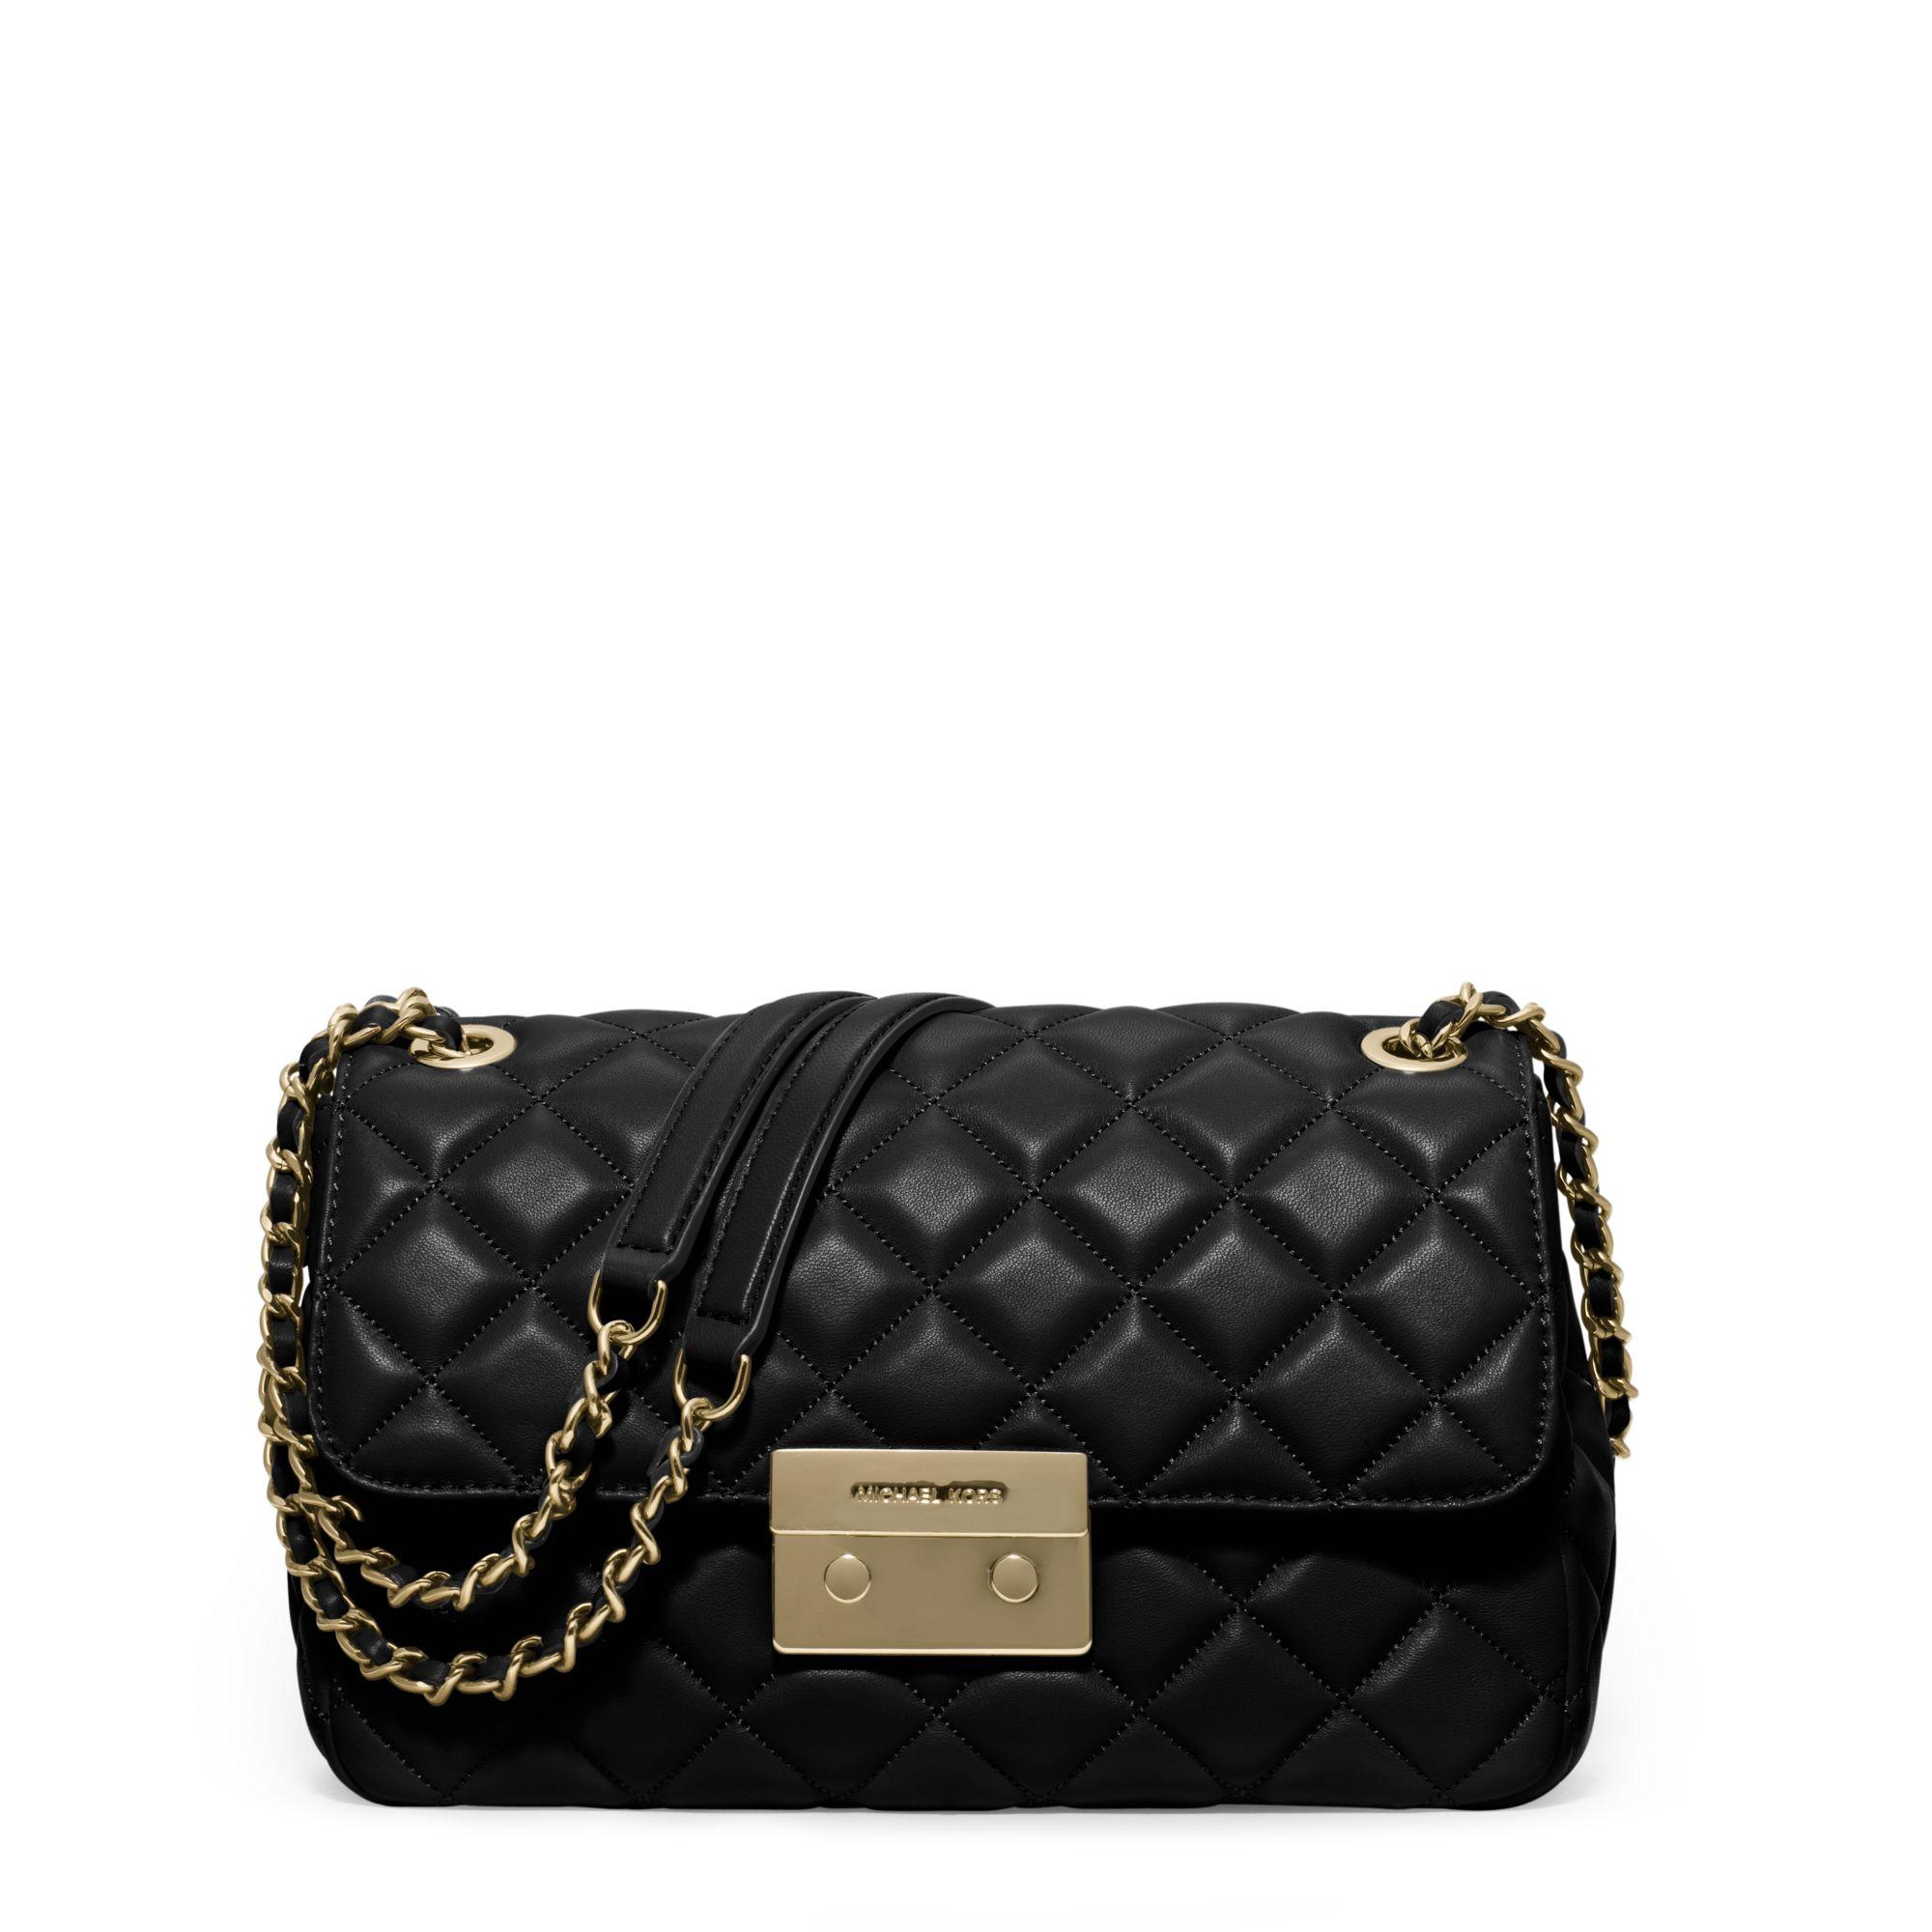 Michael Kors Sloan Large Quilted-leather Shoulder Bag in ...